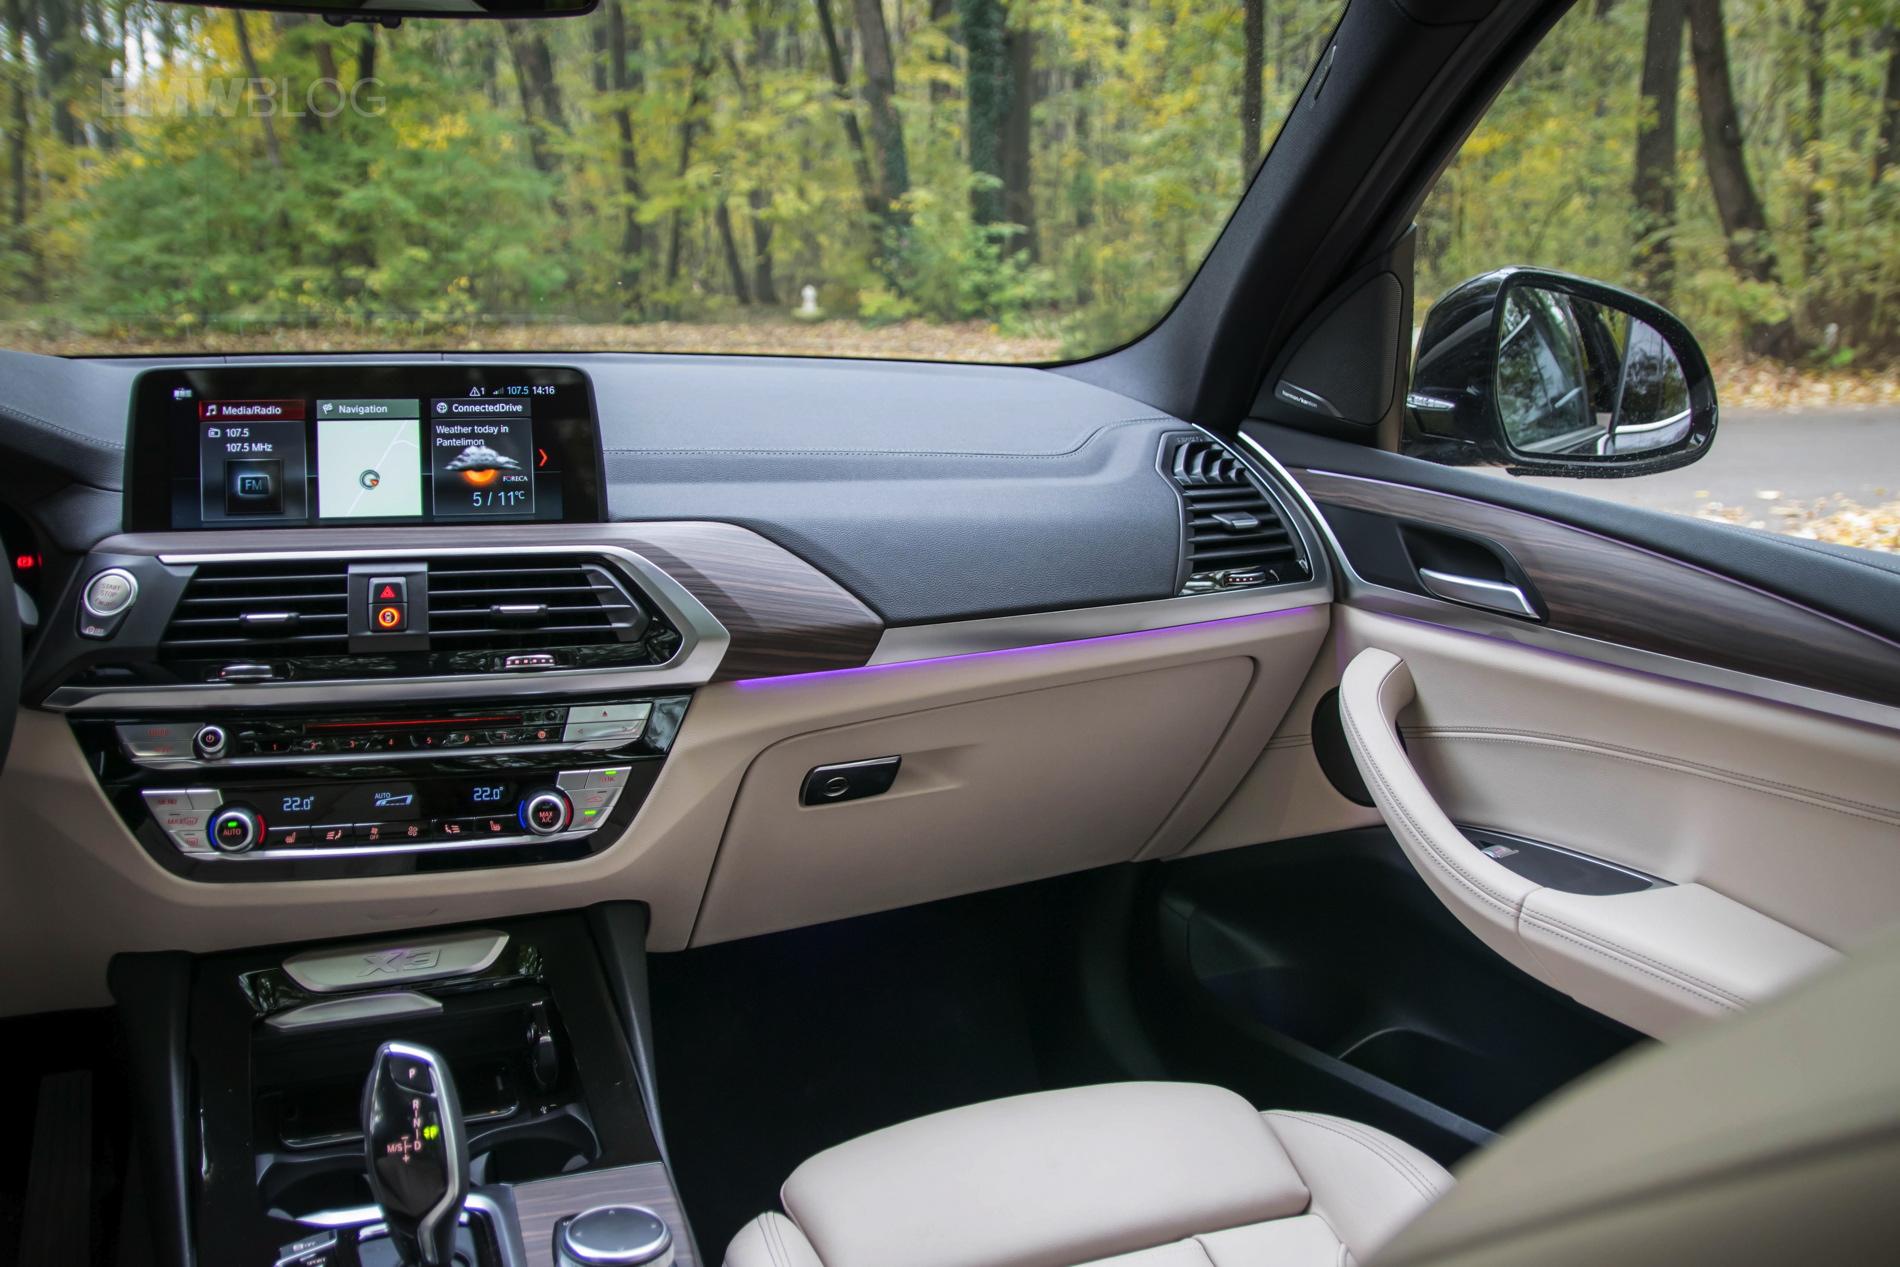 Bmw Xdrive System Review >> TEST DRIVE: BMW X3 xDrive20d